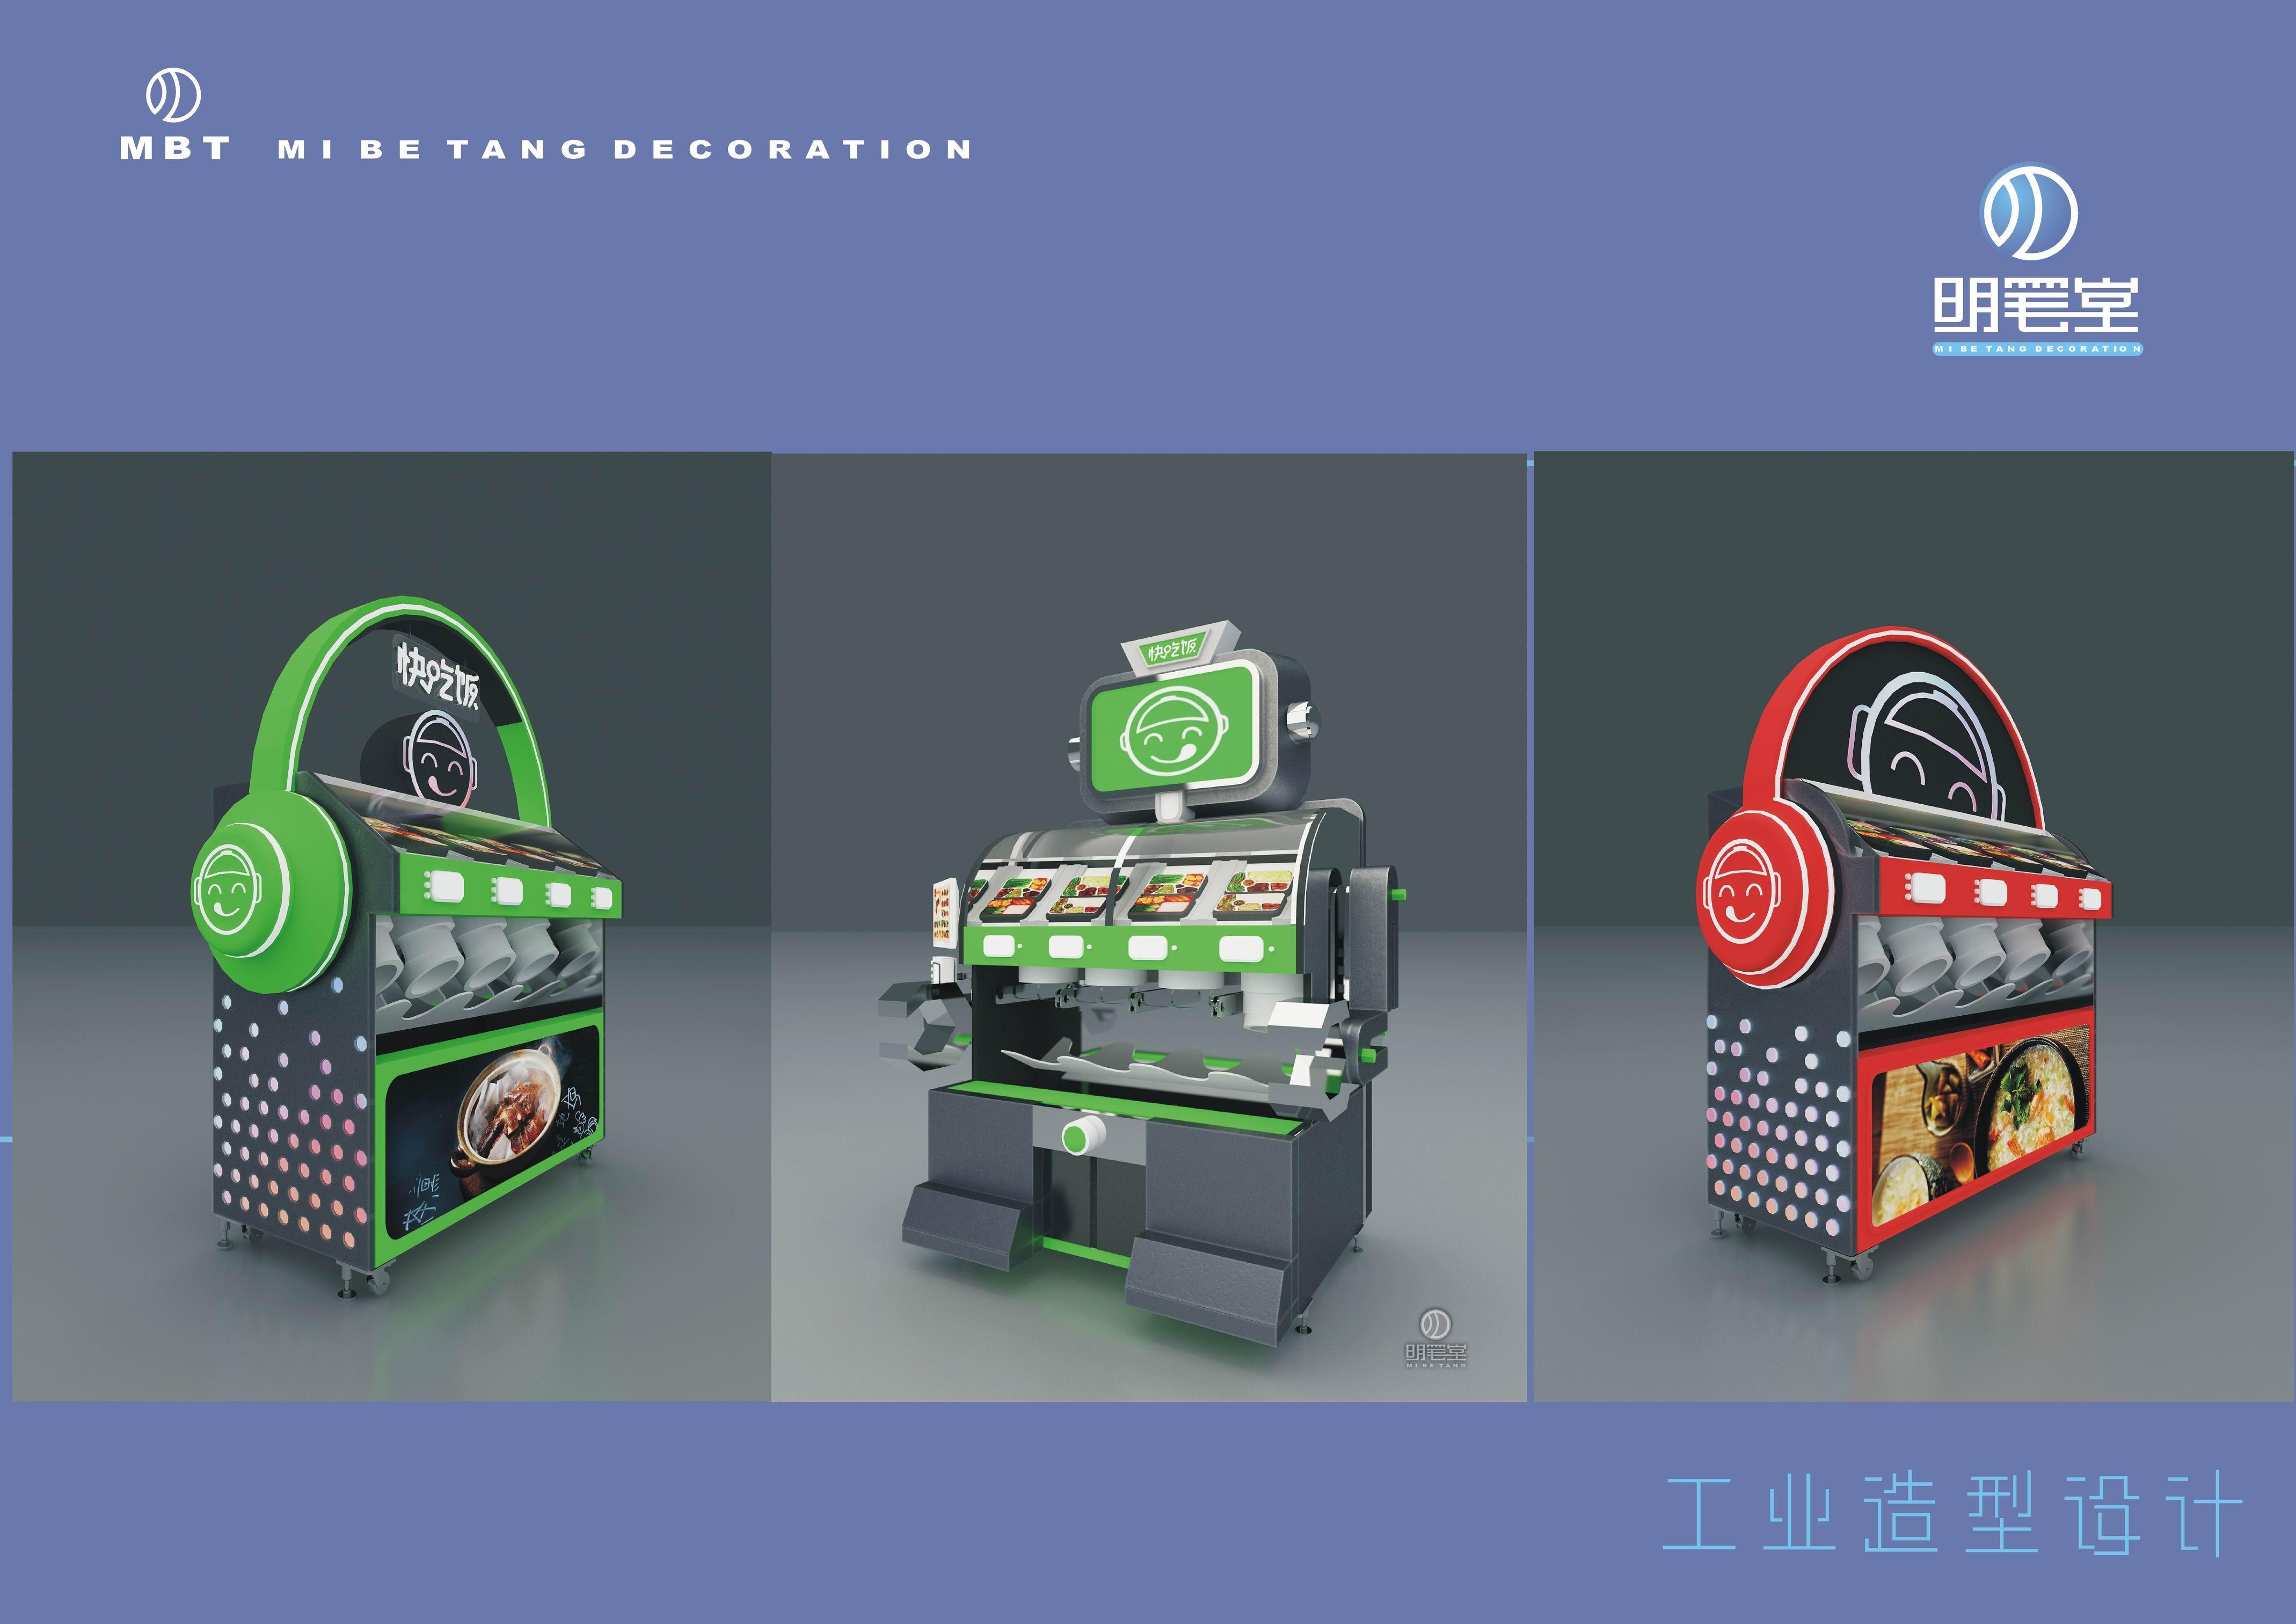 充电宝产品ID设计智能小家电外观设计产品设计机器人外观设计